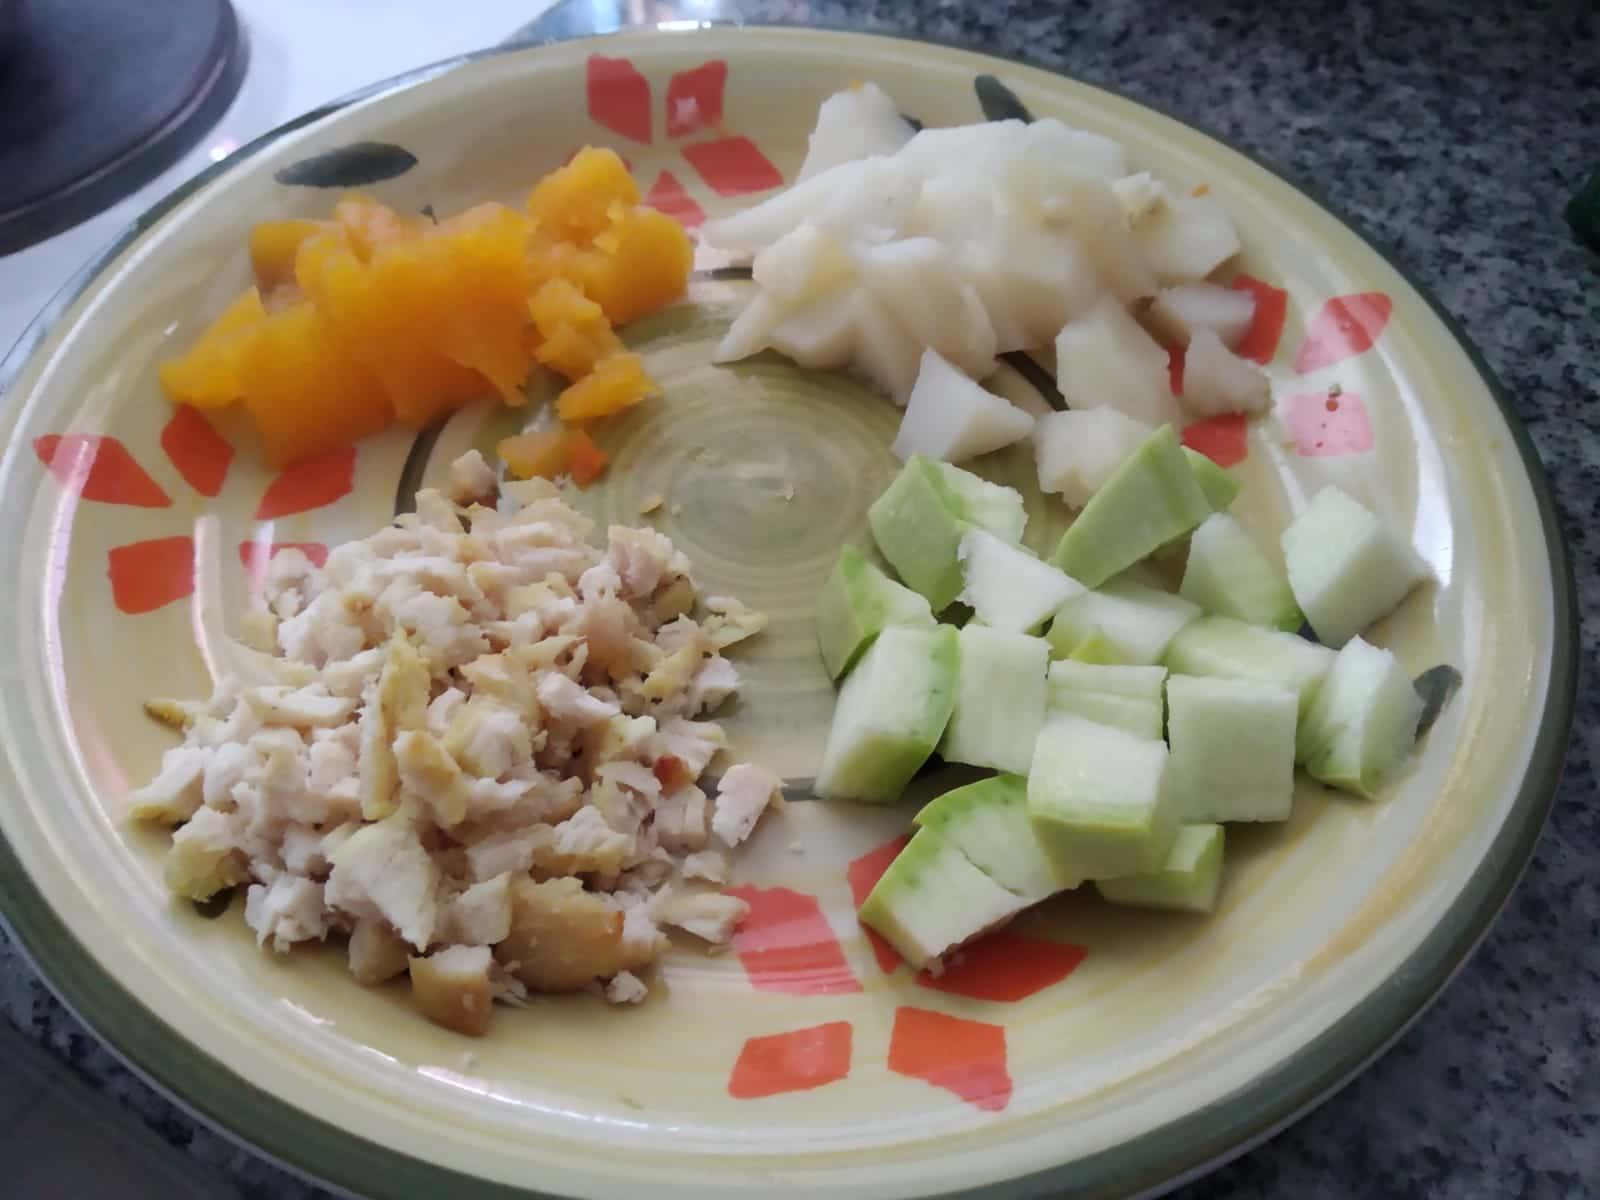 ingredientes para a papinha de abobrinha, batata, cenoura e frango